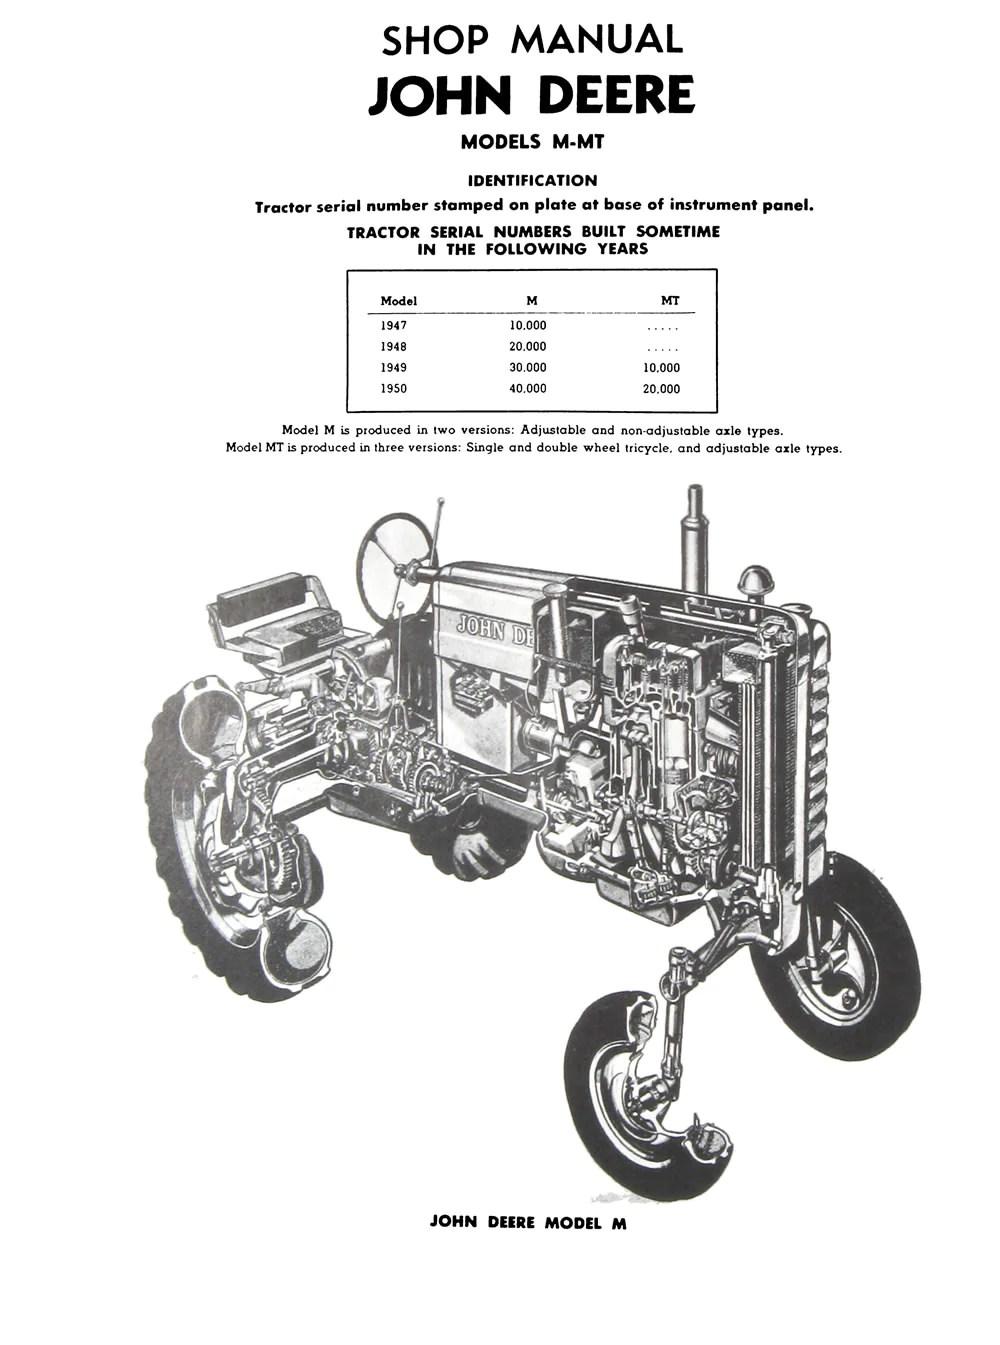 John Deere 6200 Fuse Panel Diagram Wiring Diagrams For Dummies Box 5105 Fuel Tank 4760 5320 Manual